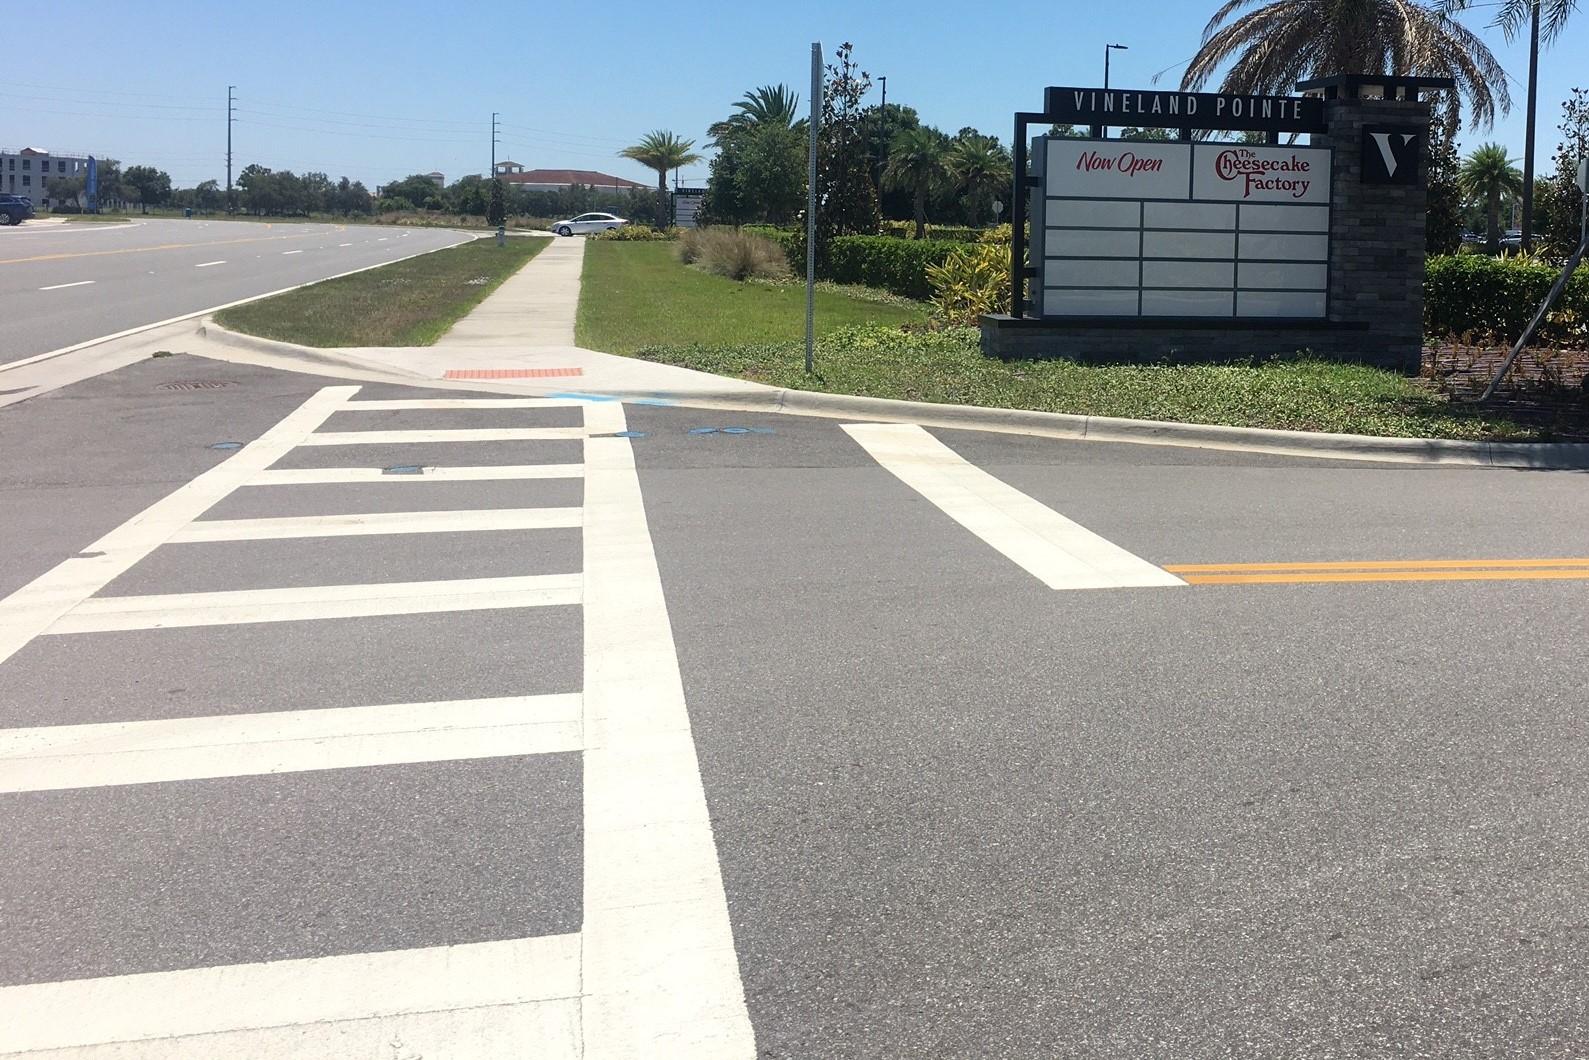 vista de la acera ensanchada y los cruces peatonales desde un paso de peatones